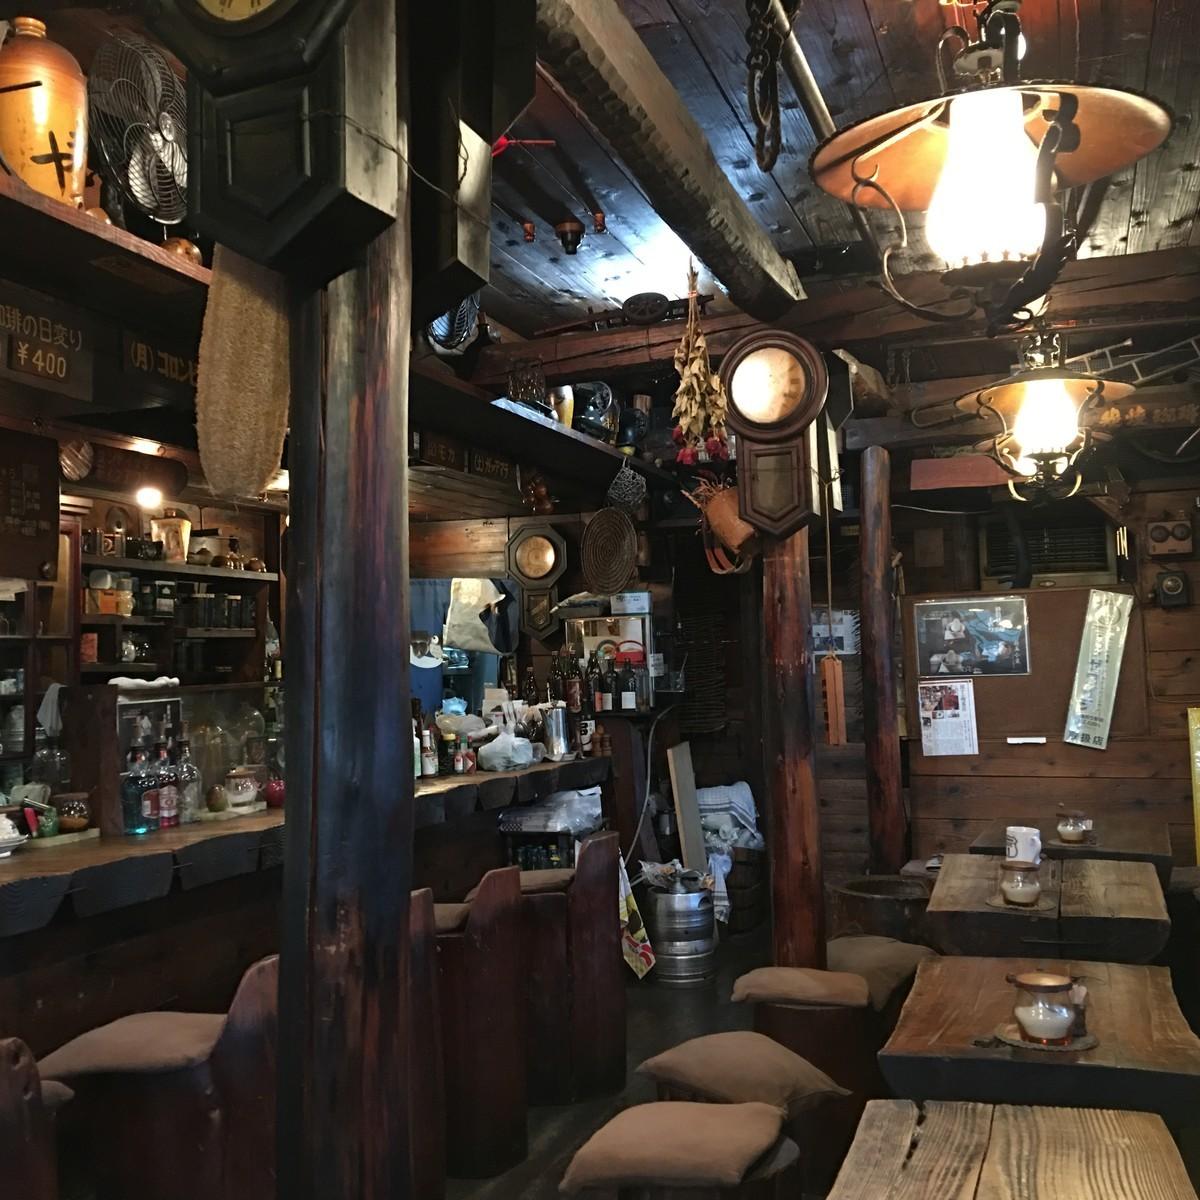 タイムスリップ喫茶店!昭和レトロなイタリアン喫茶「砂時計」さん